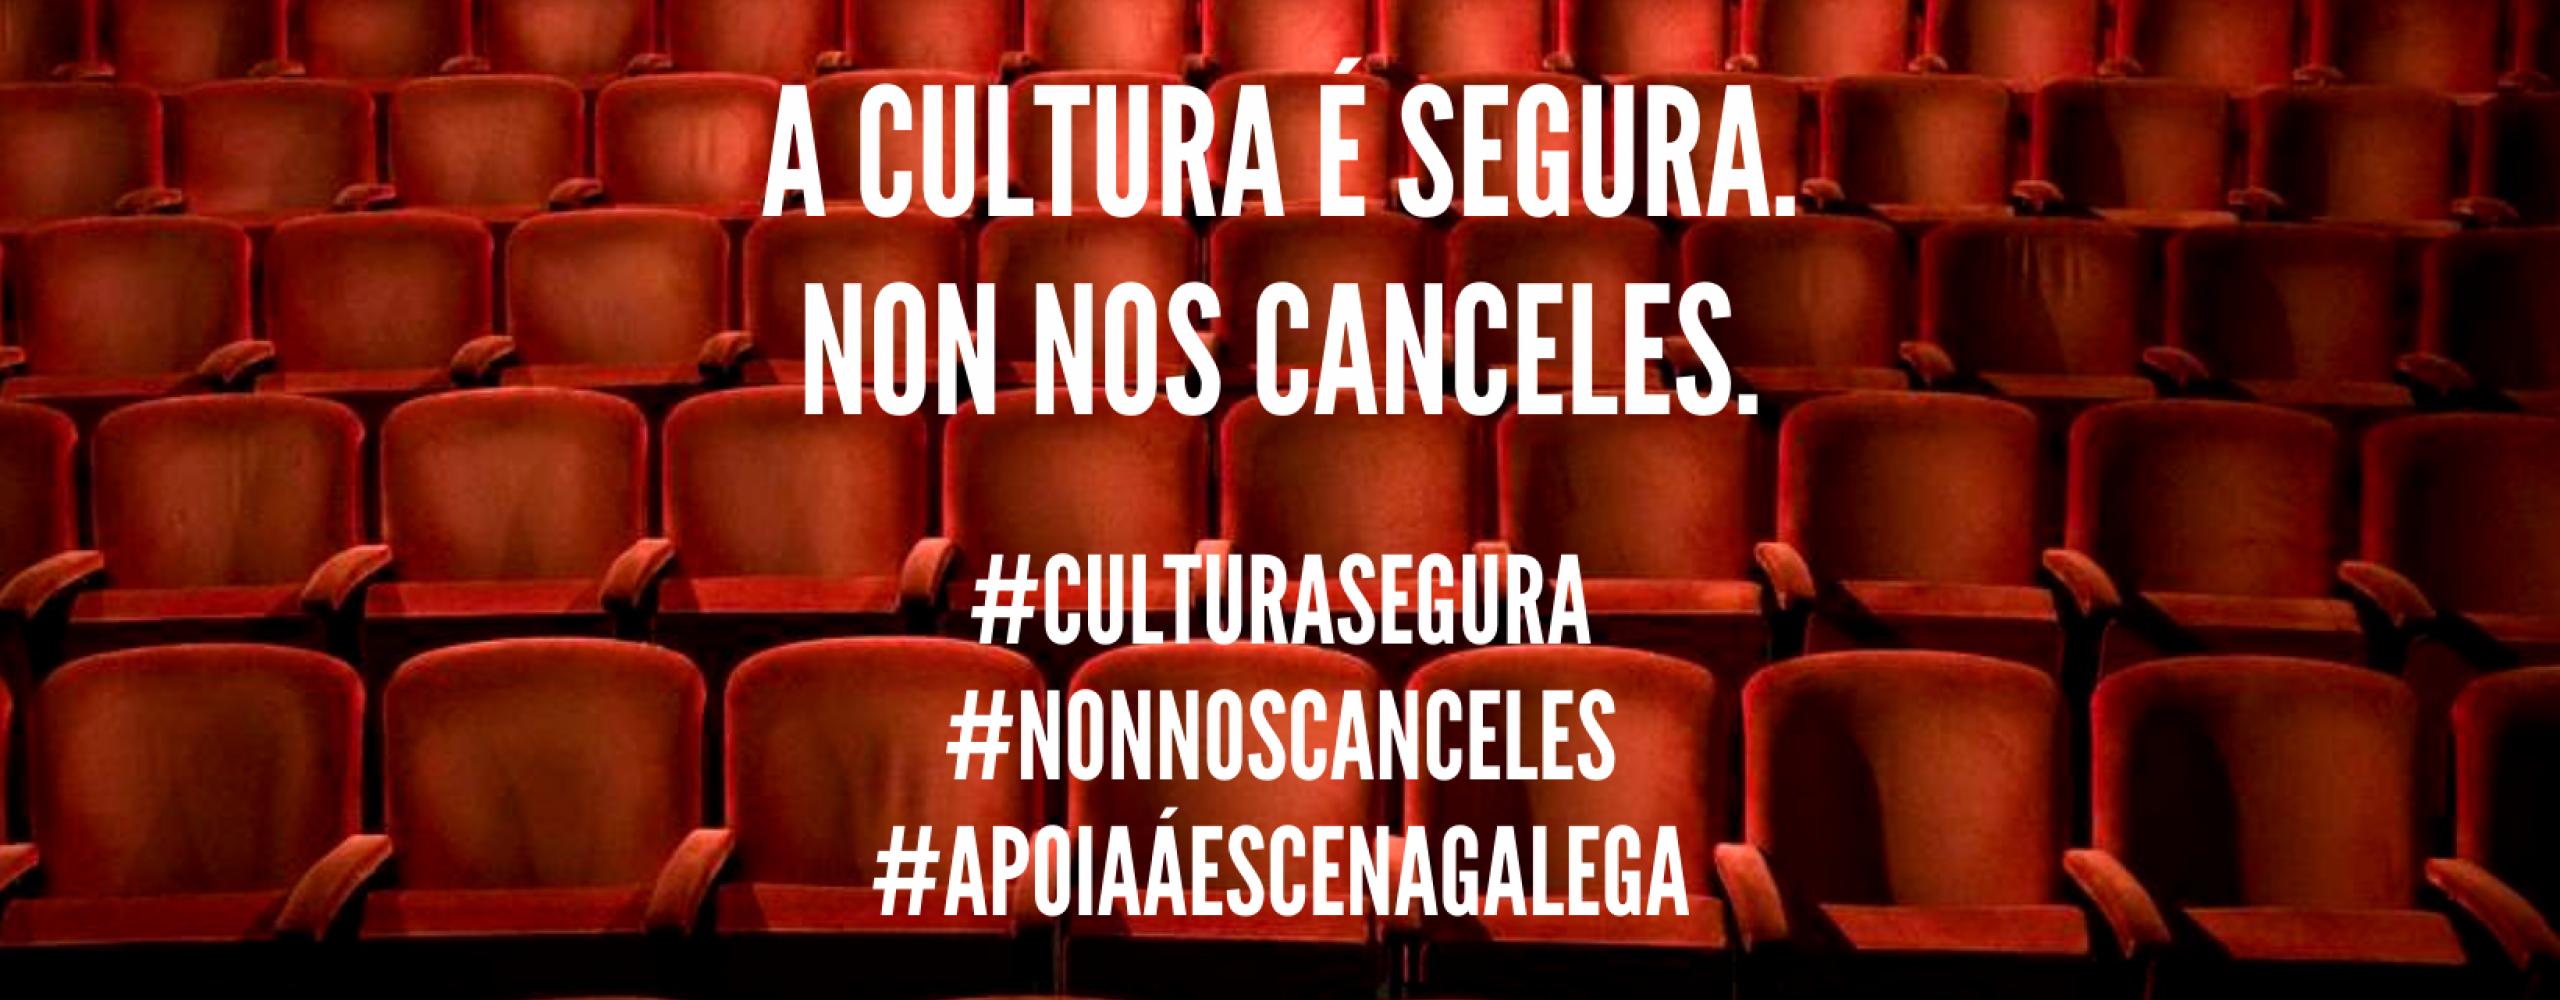 Escena Galega traslada una batería de medidas a las administraciones competentes en cultura para intentar paliar las consecuencias del COVID-19 en el sector